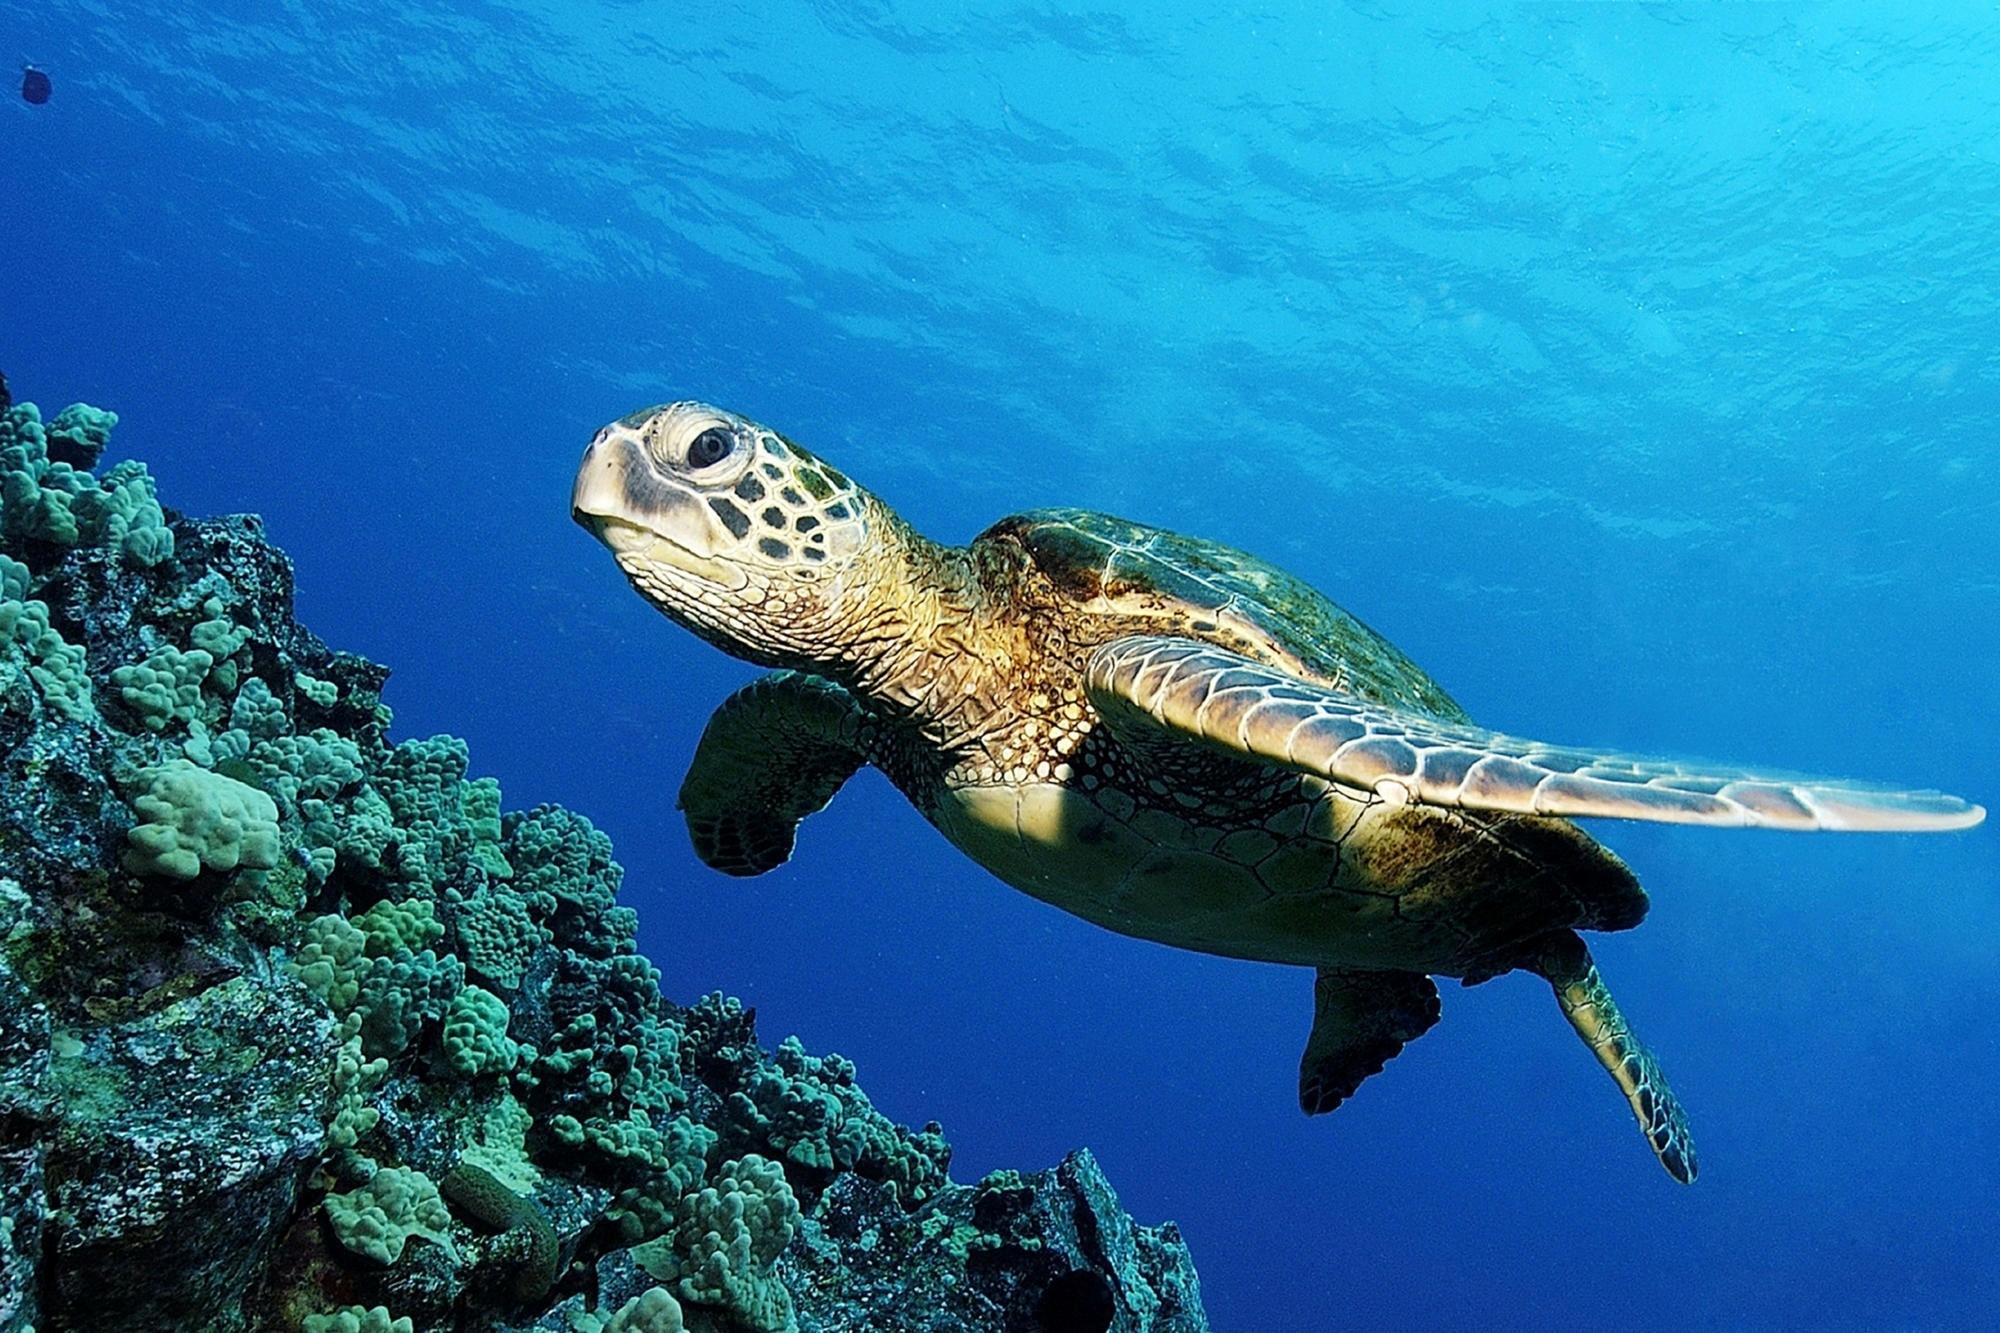 ocean turtle hd wallpaper | hd wallpapers